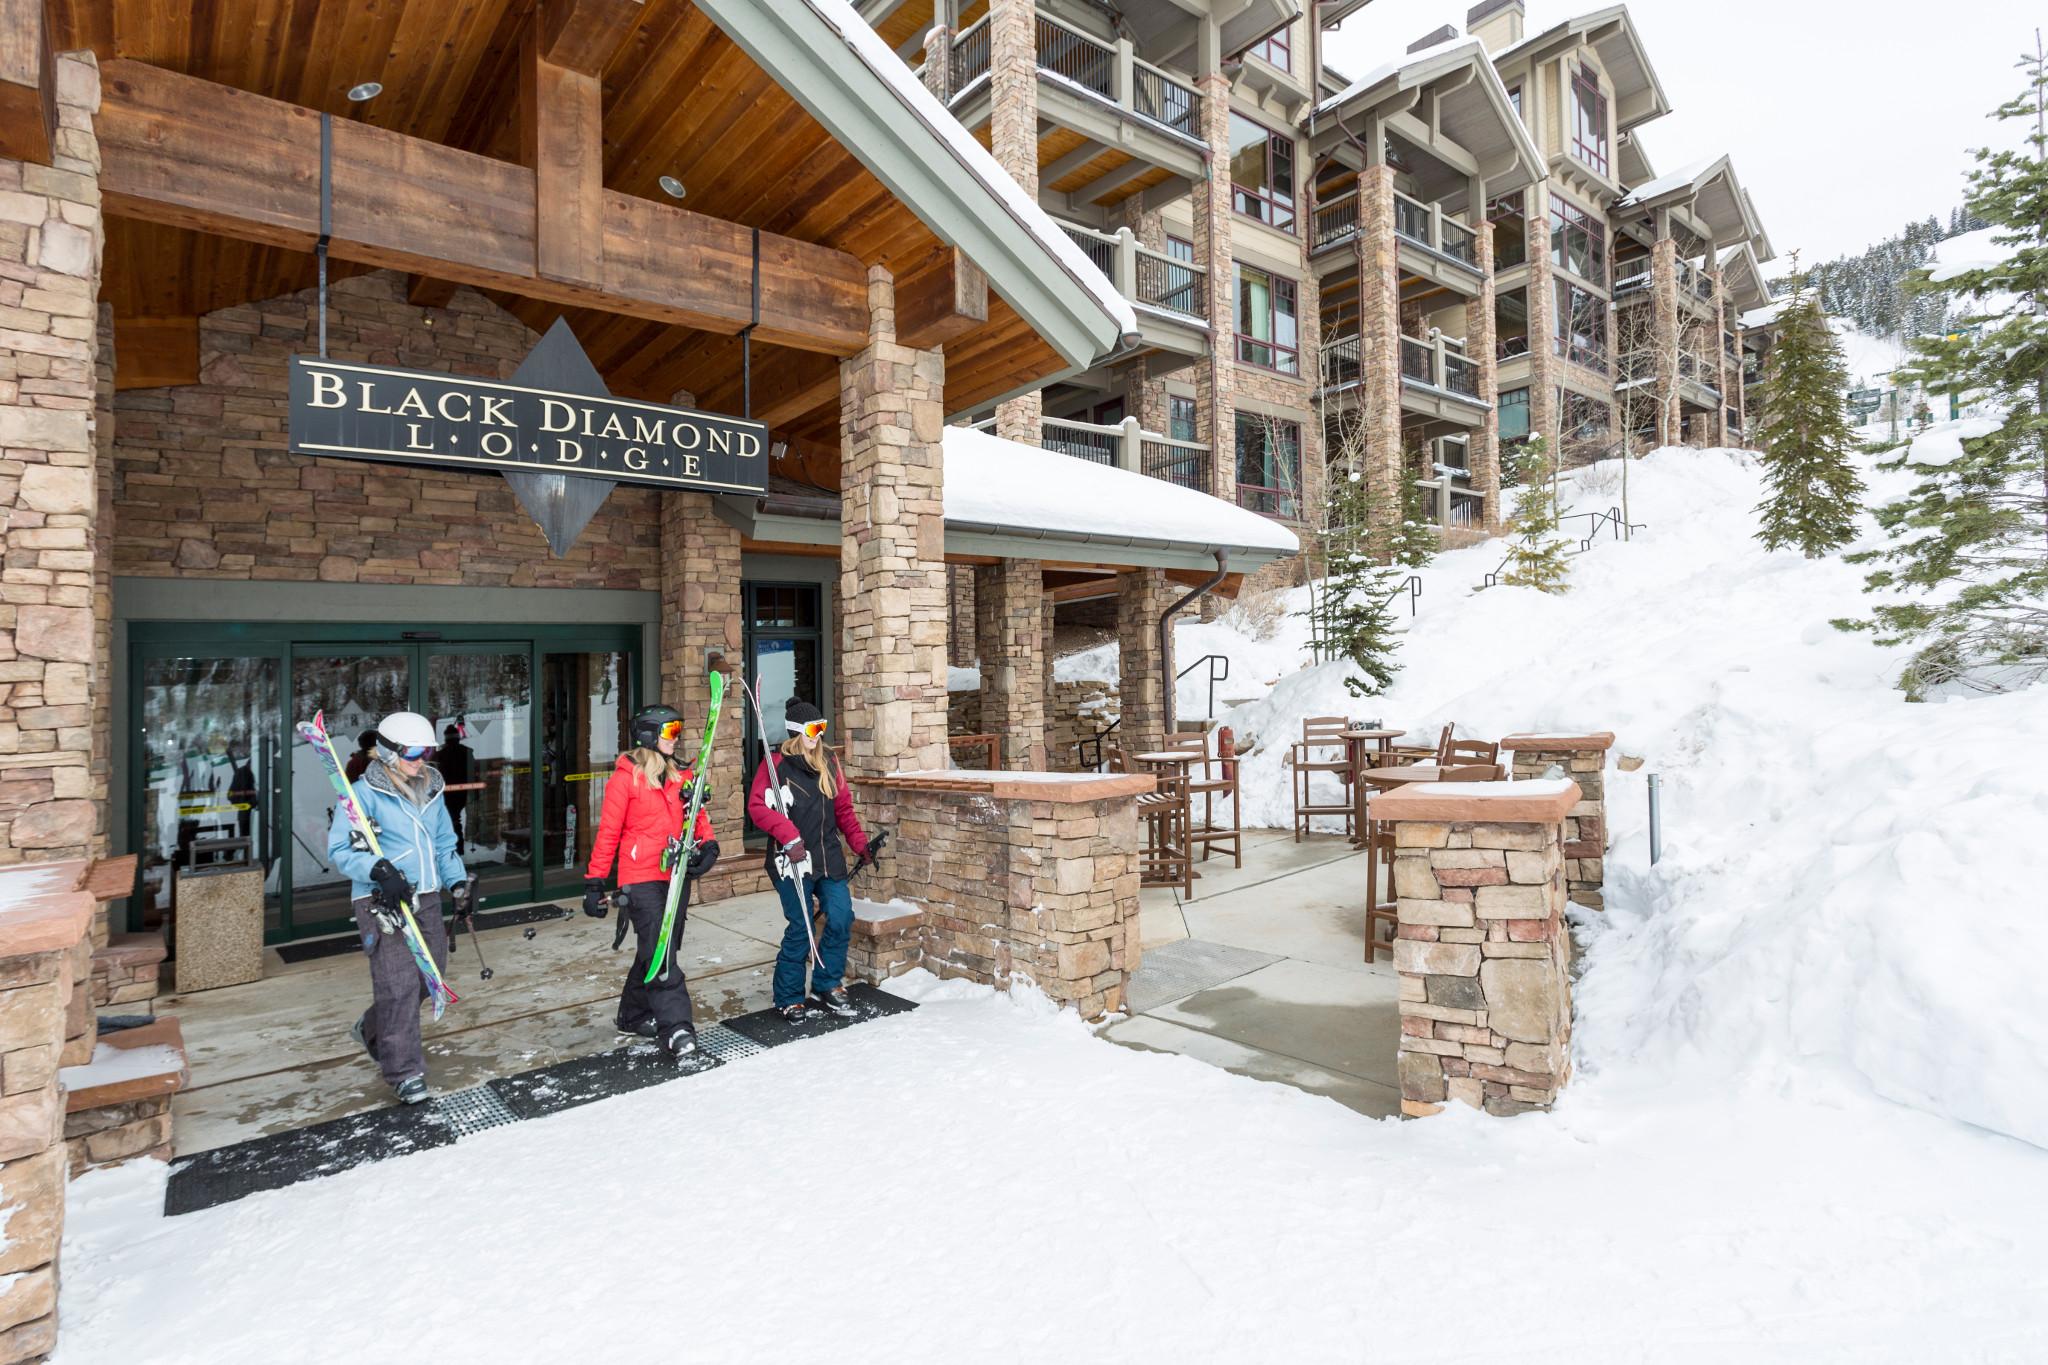 Deer Valley - Black Diamond Lodge